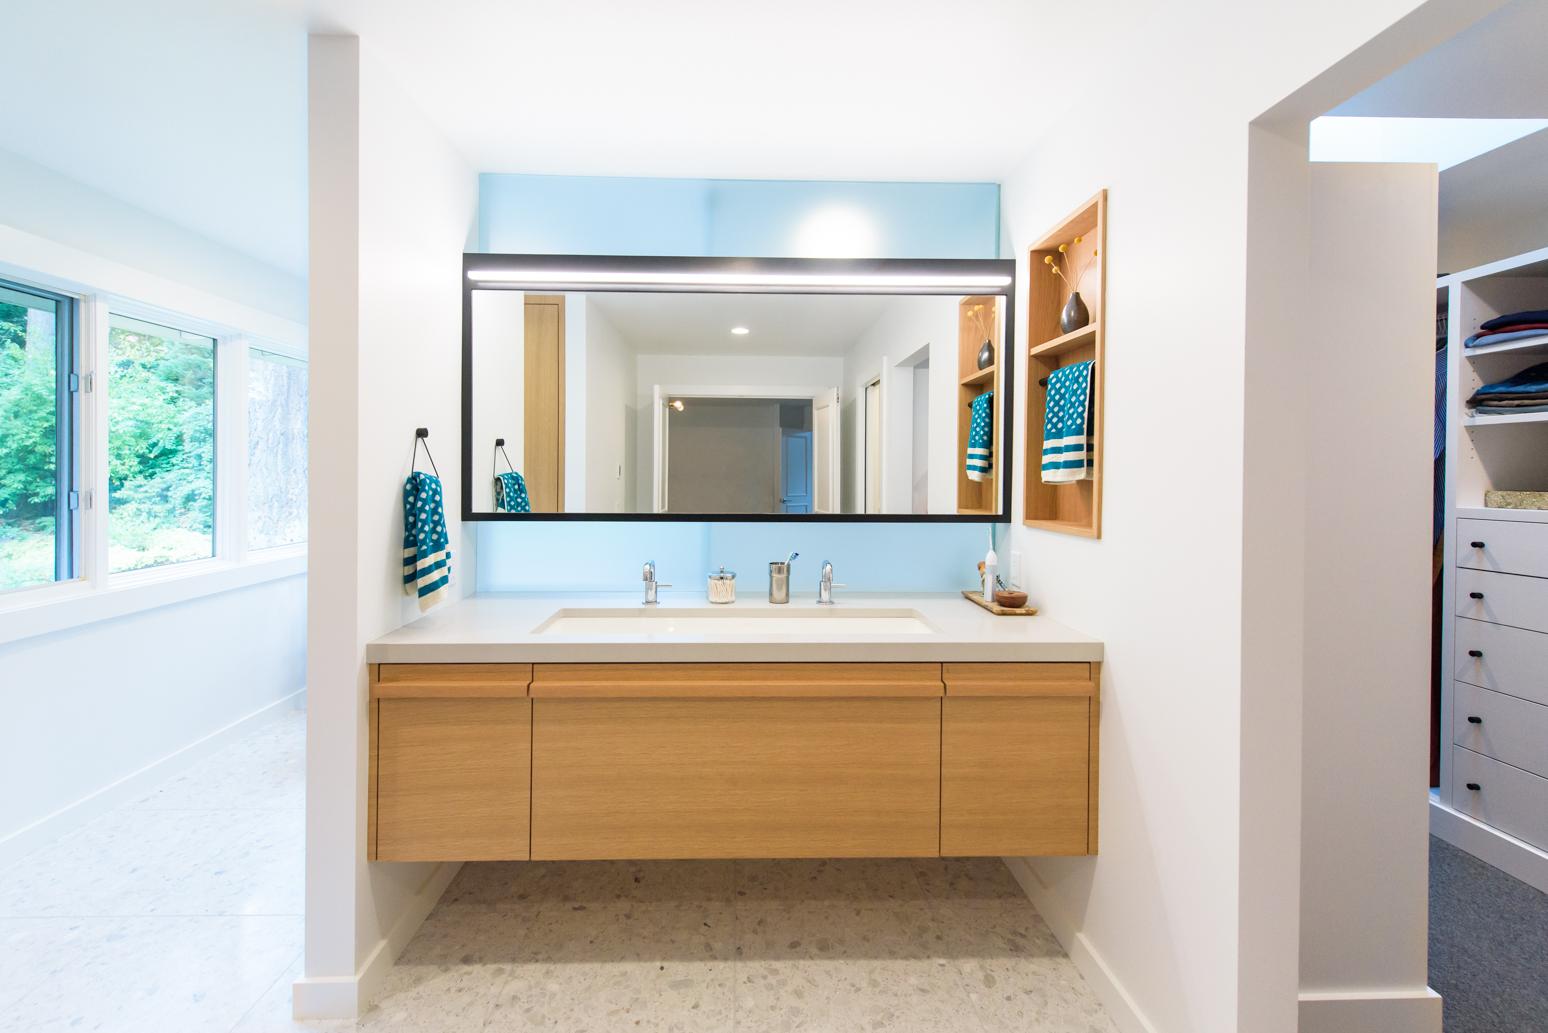 Dunthorpe Contemporary Bathroom